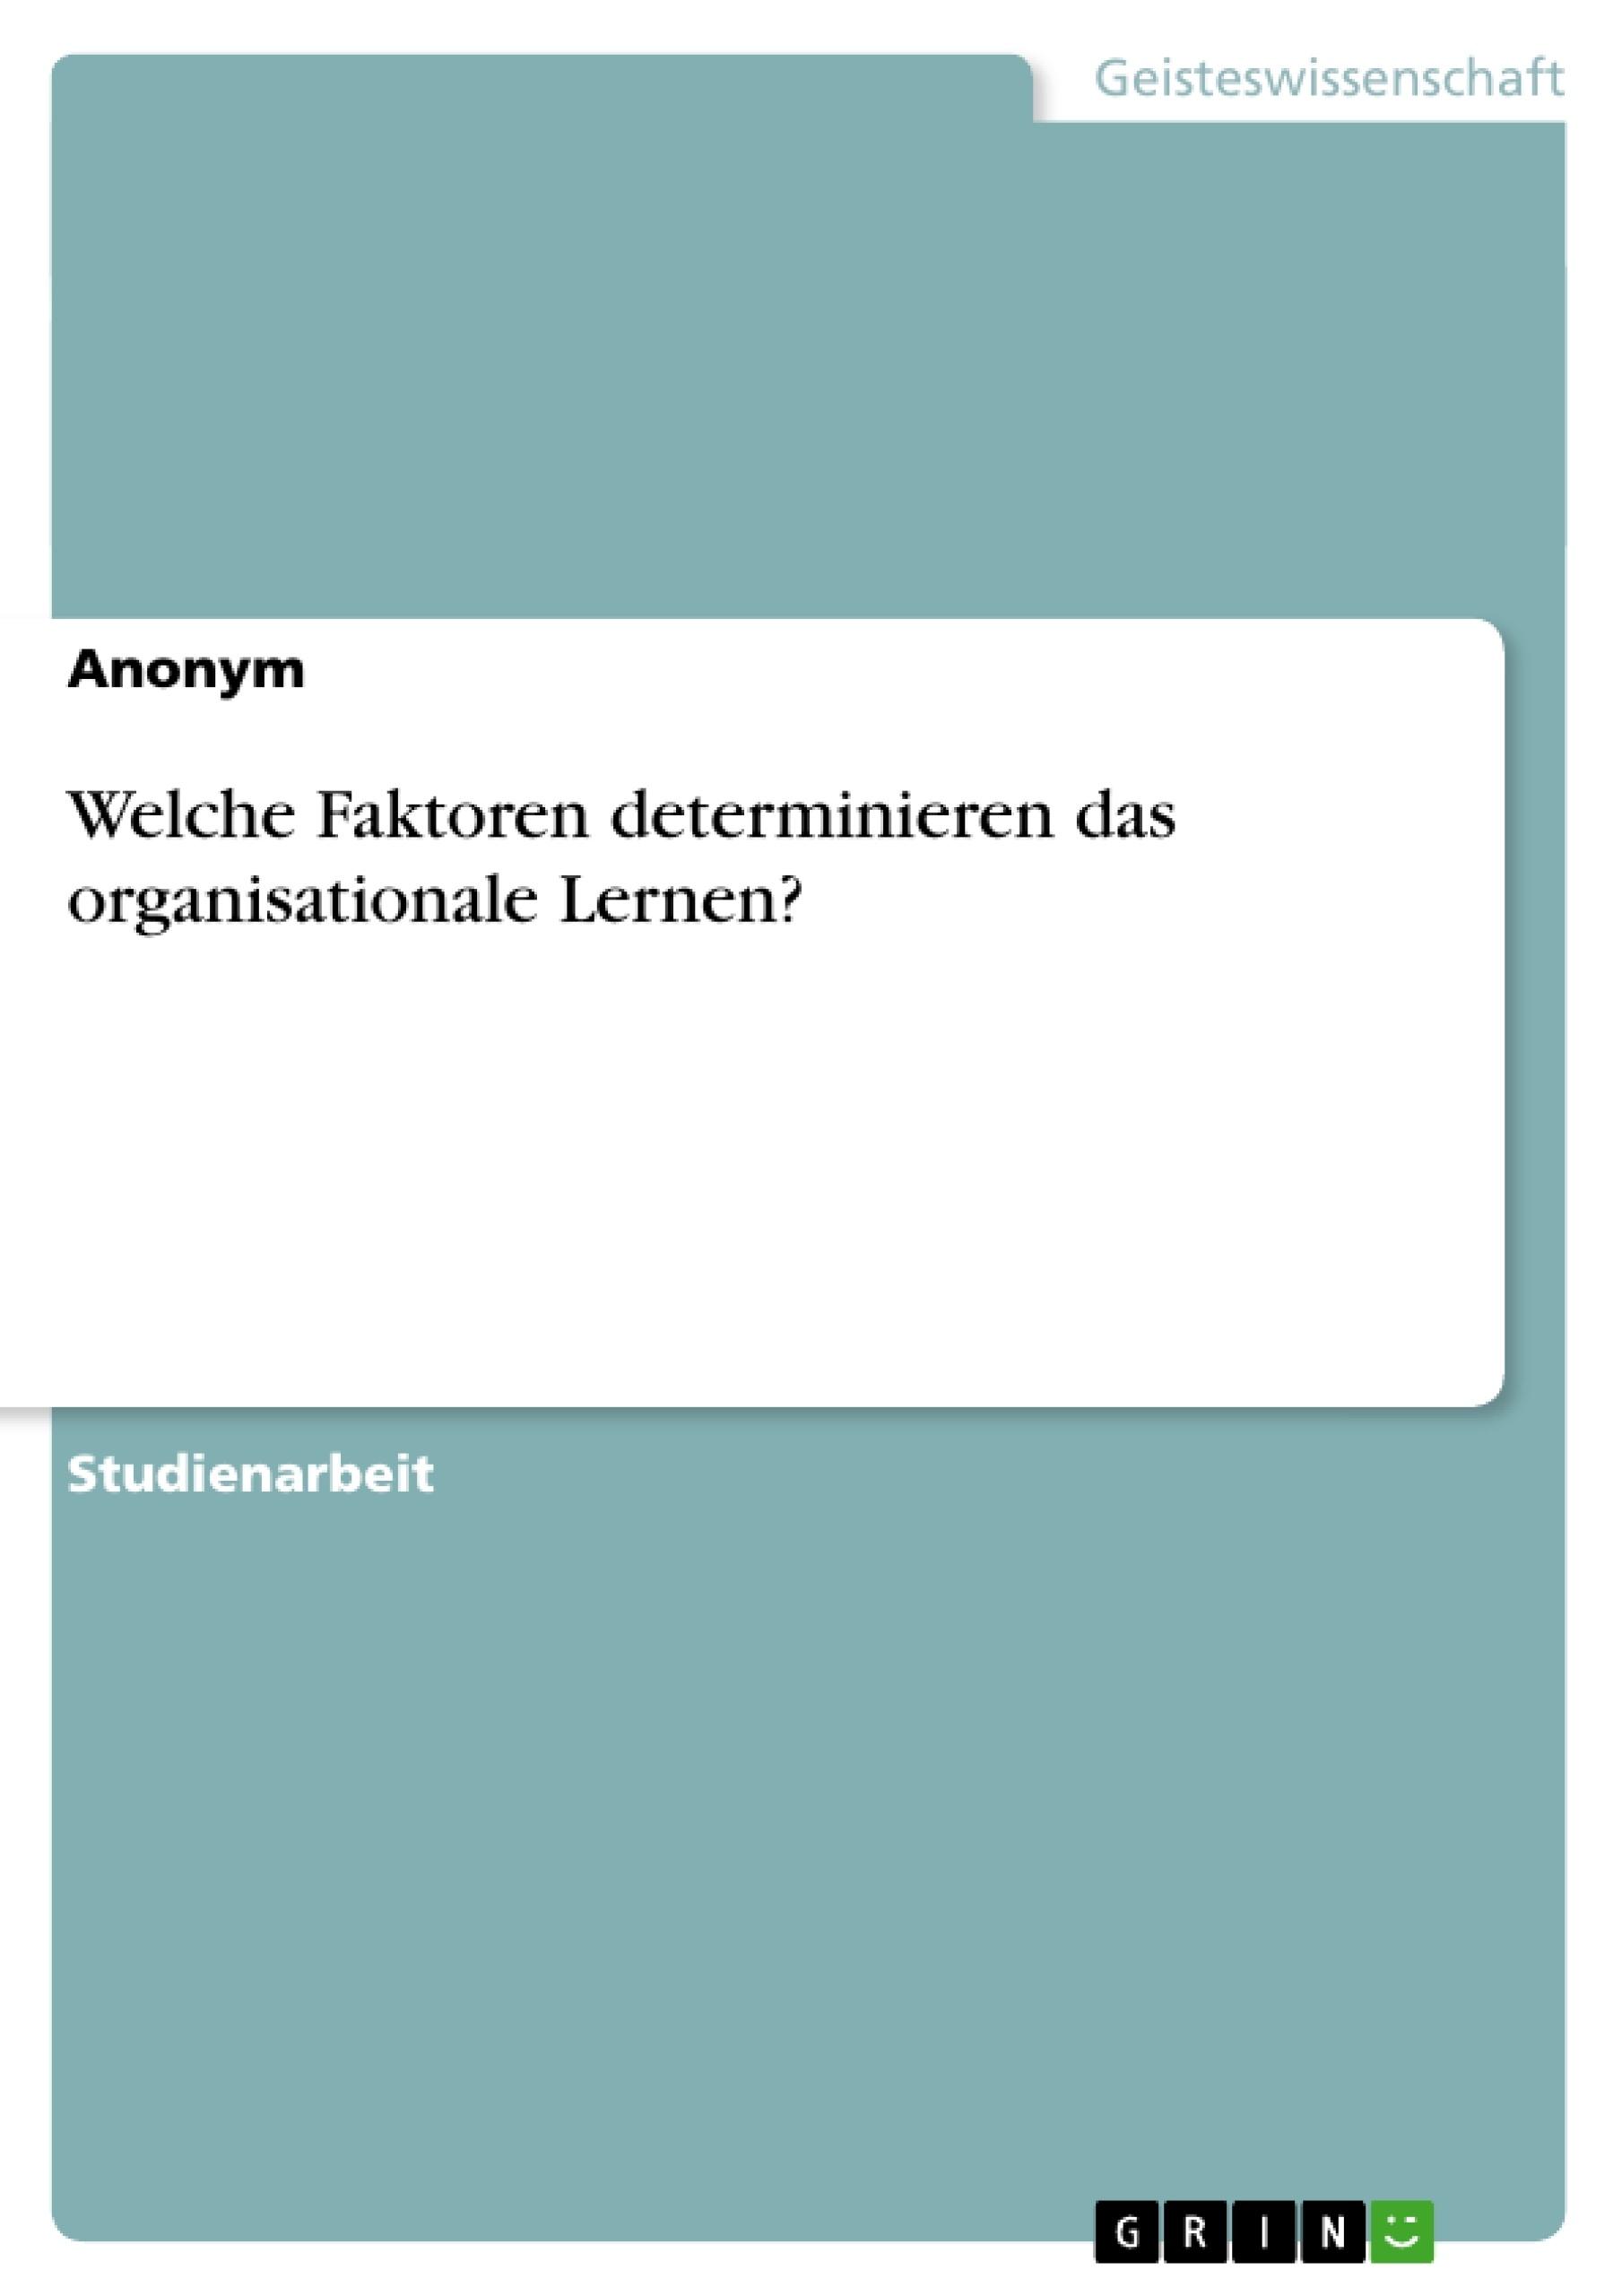 Titel: Welche Faktoren determinieren das organisationale Lernen?